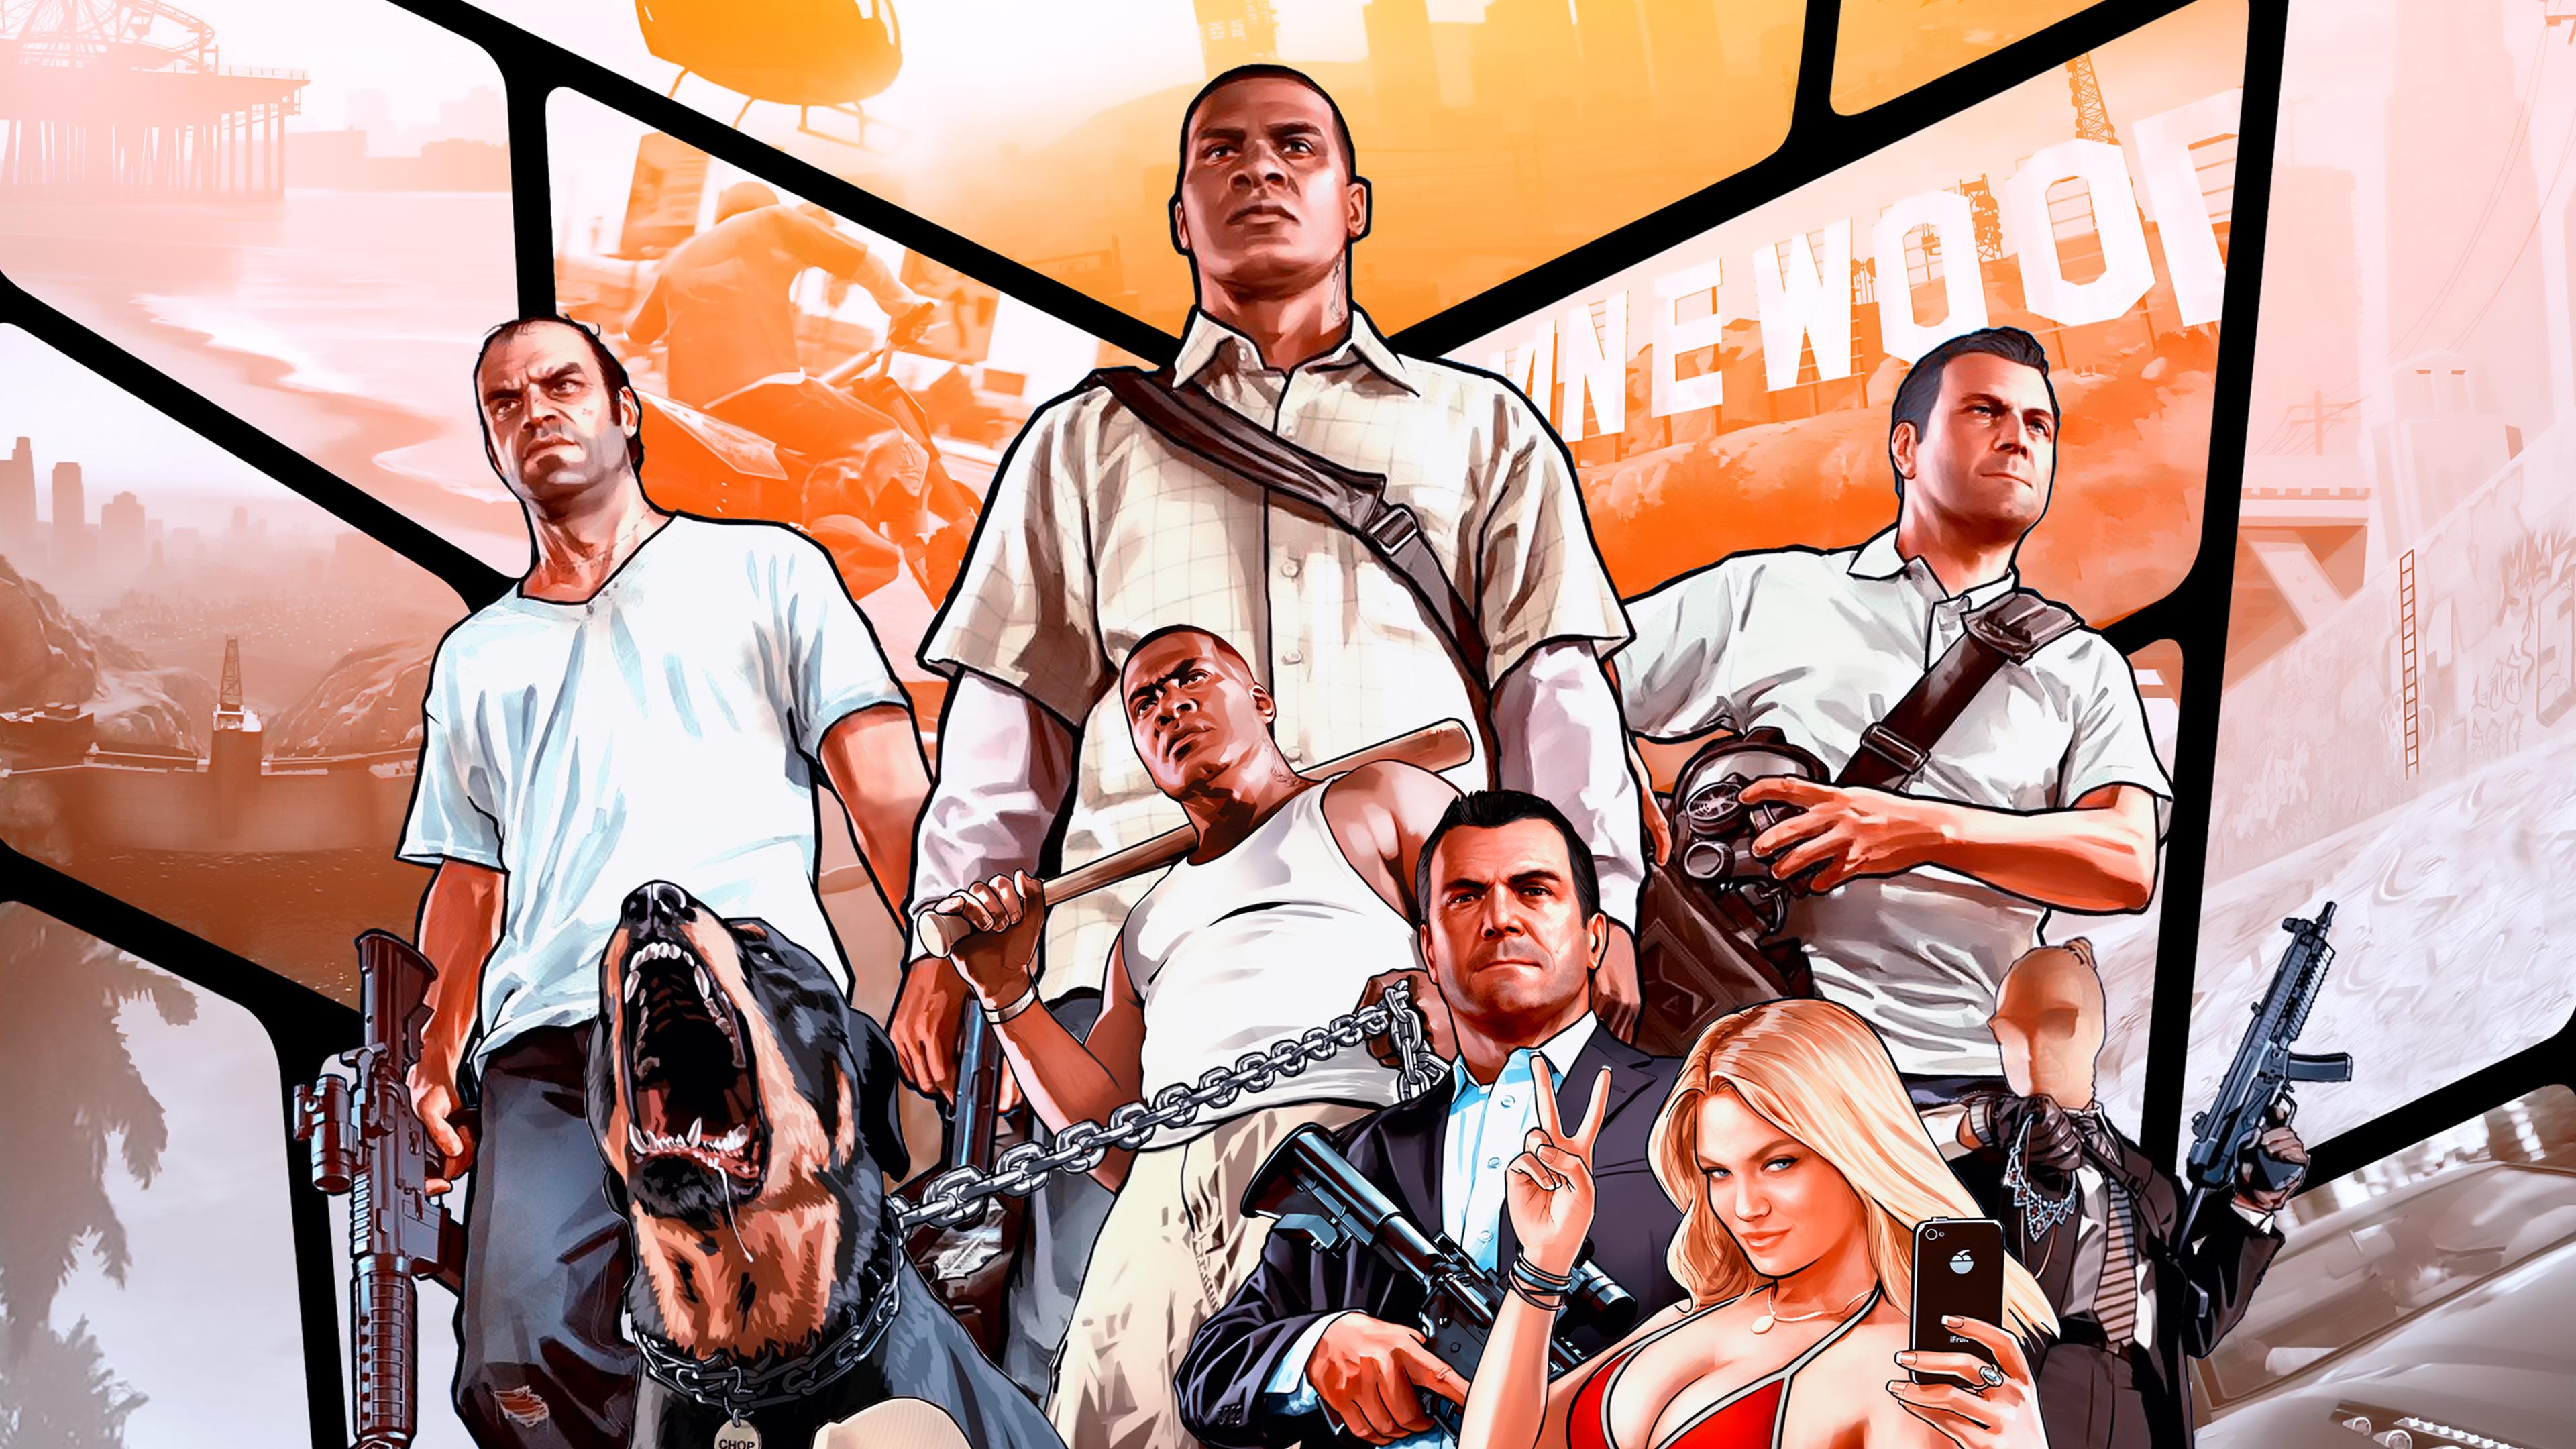 Gta V Poster 4k, HD Games, 4k Wallpapers, Images ...